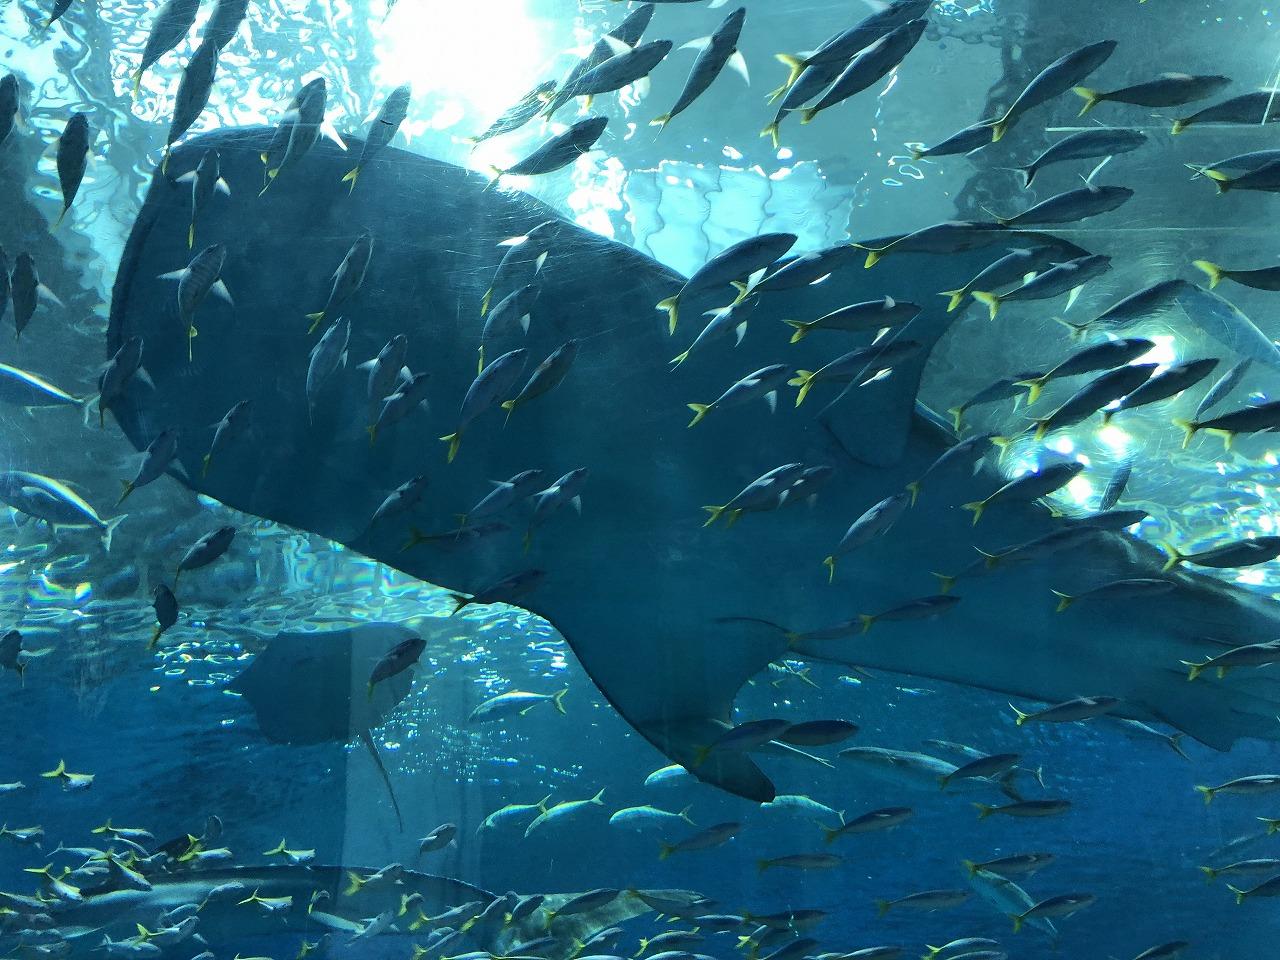 美ら海水族館のアクアルーム